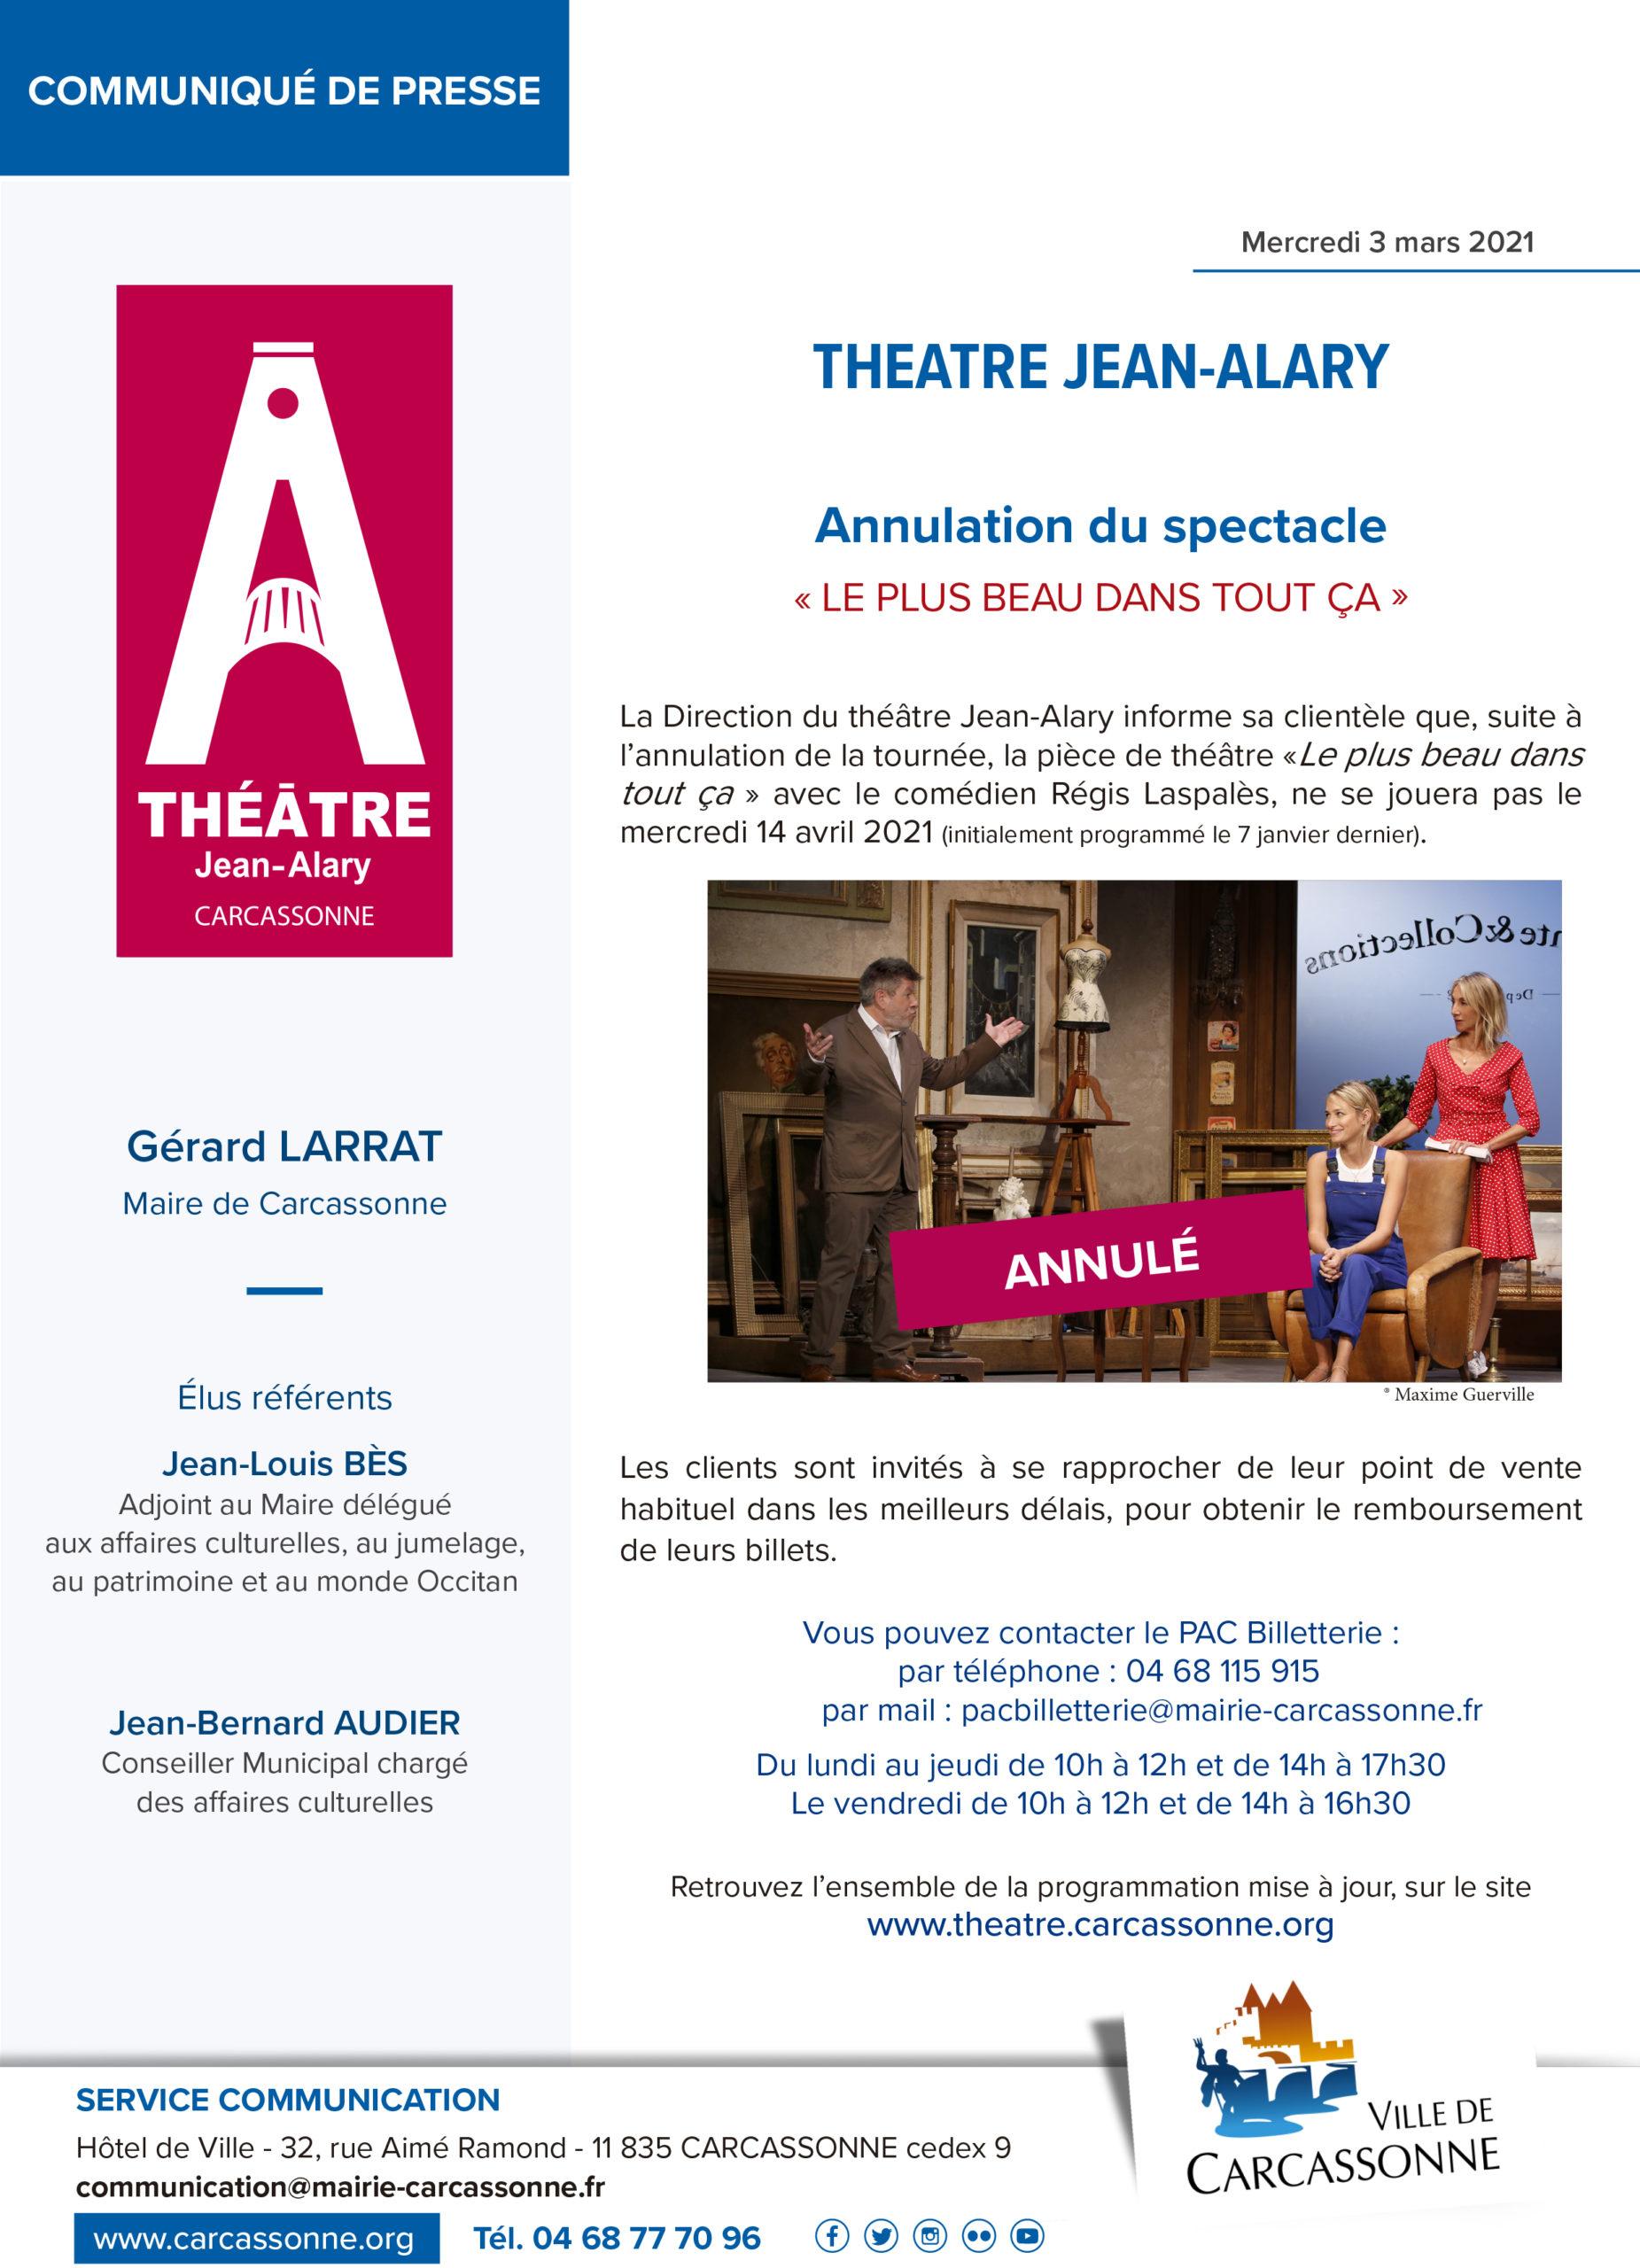 Communiqué de PRESSE : Théâtre Jean-Alary – Annulation pièce de théâtre